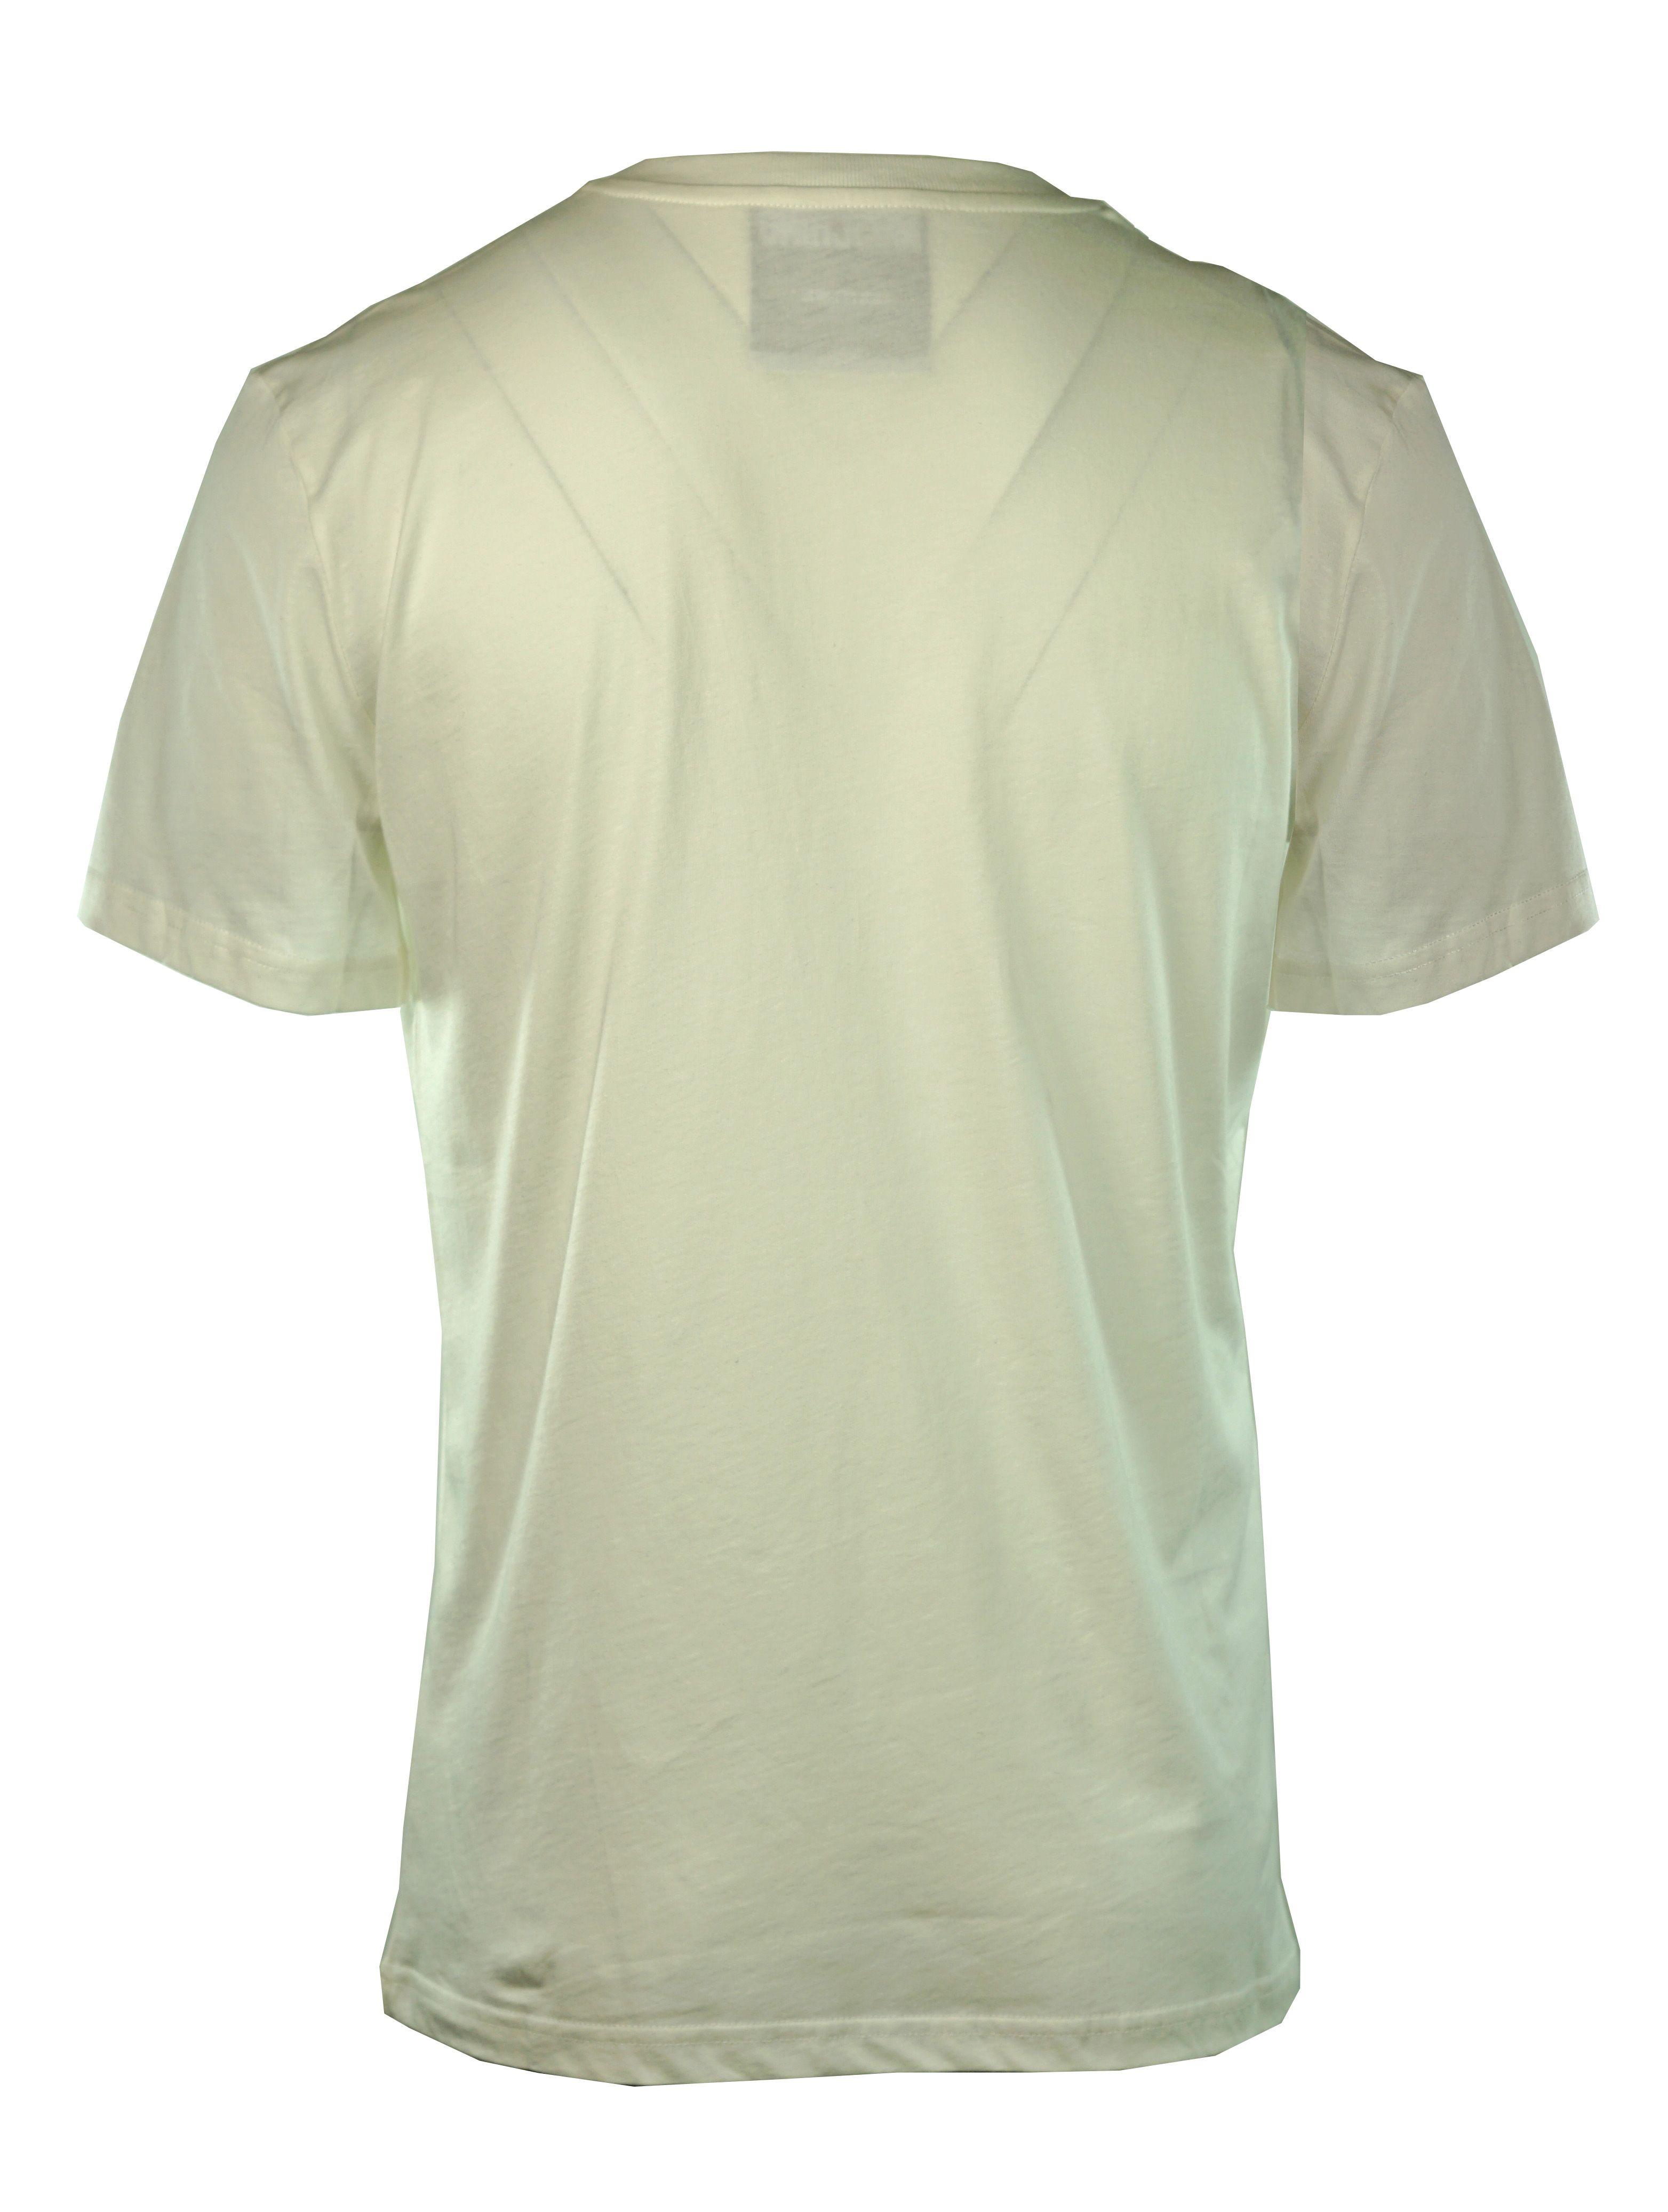 Moschino J0707 5240 1002 T-Shirt